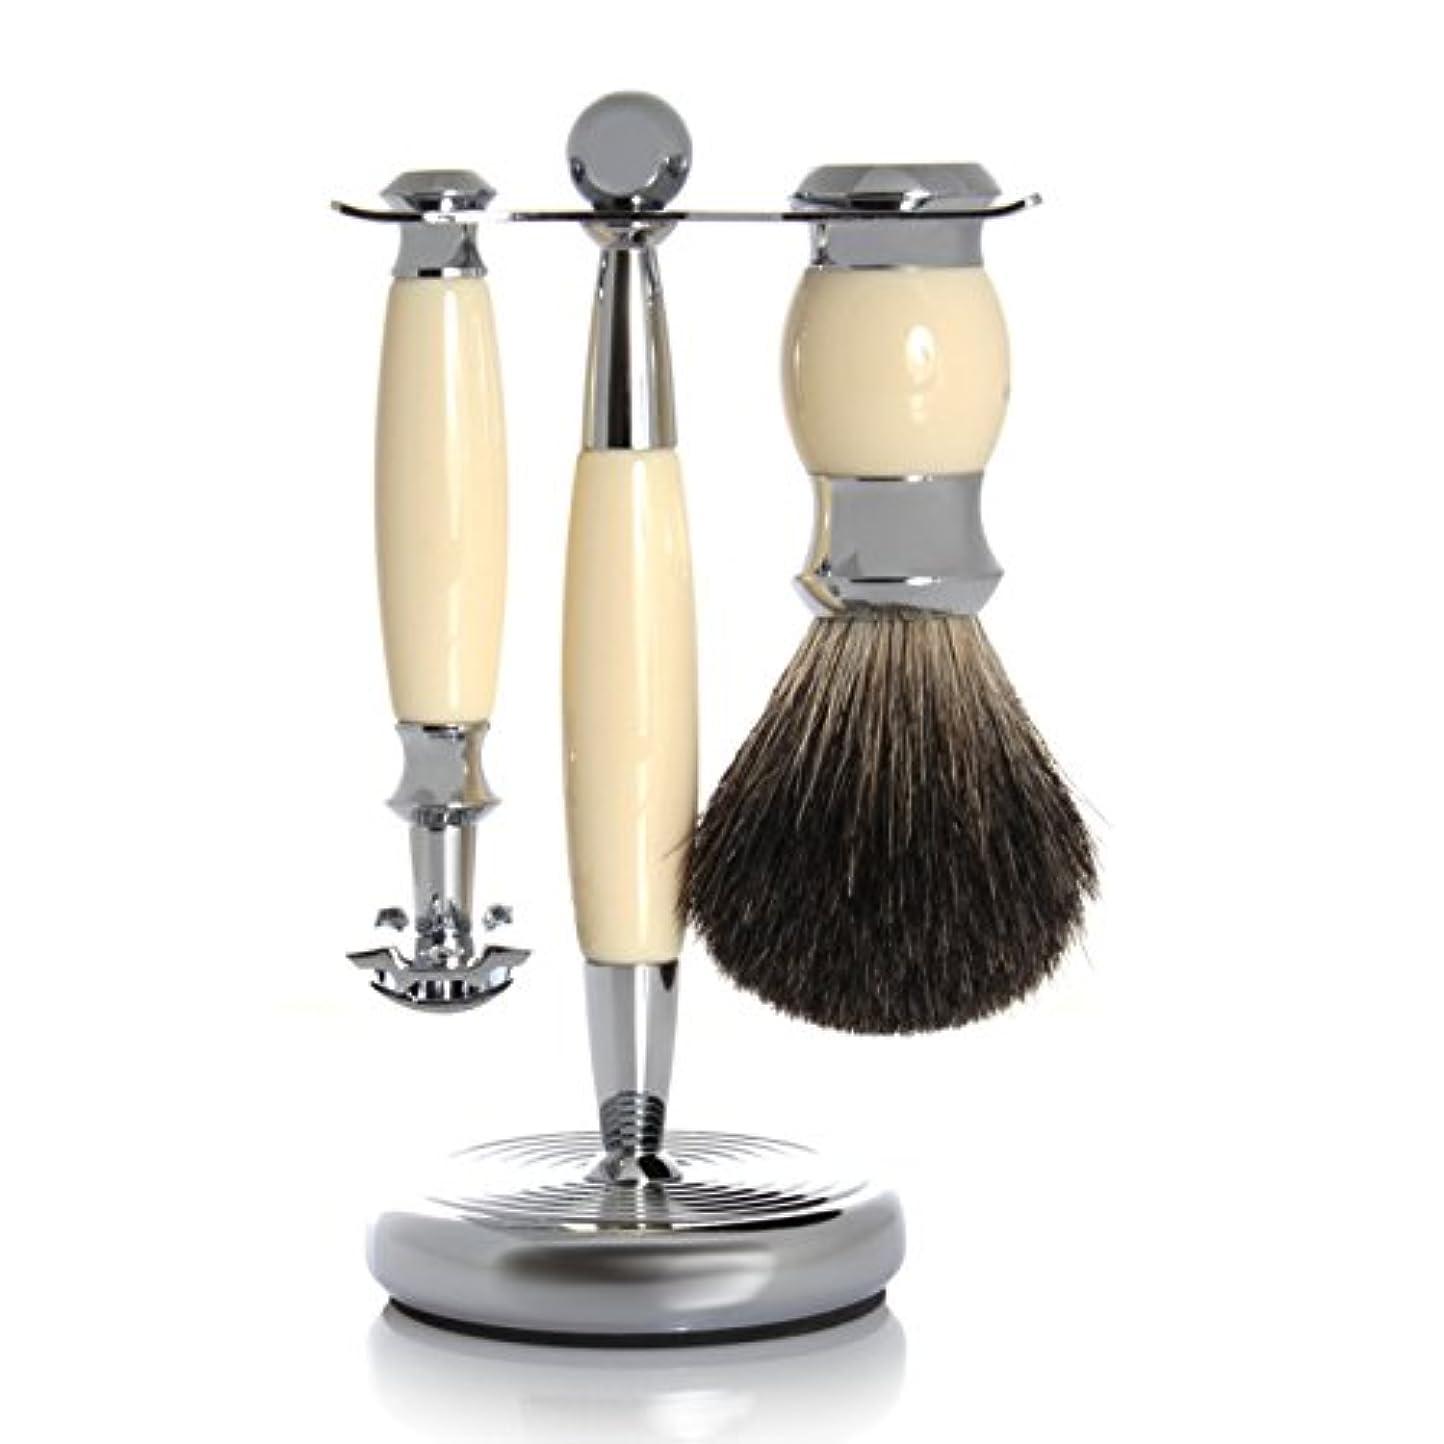 引用シエスタ八GOLDDACHS Shaving Set, Safety Razor, 100% badger hair, white/silver